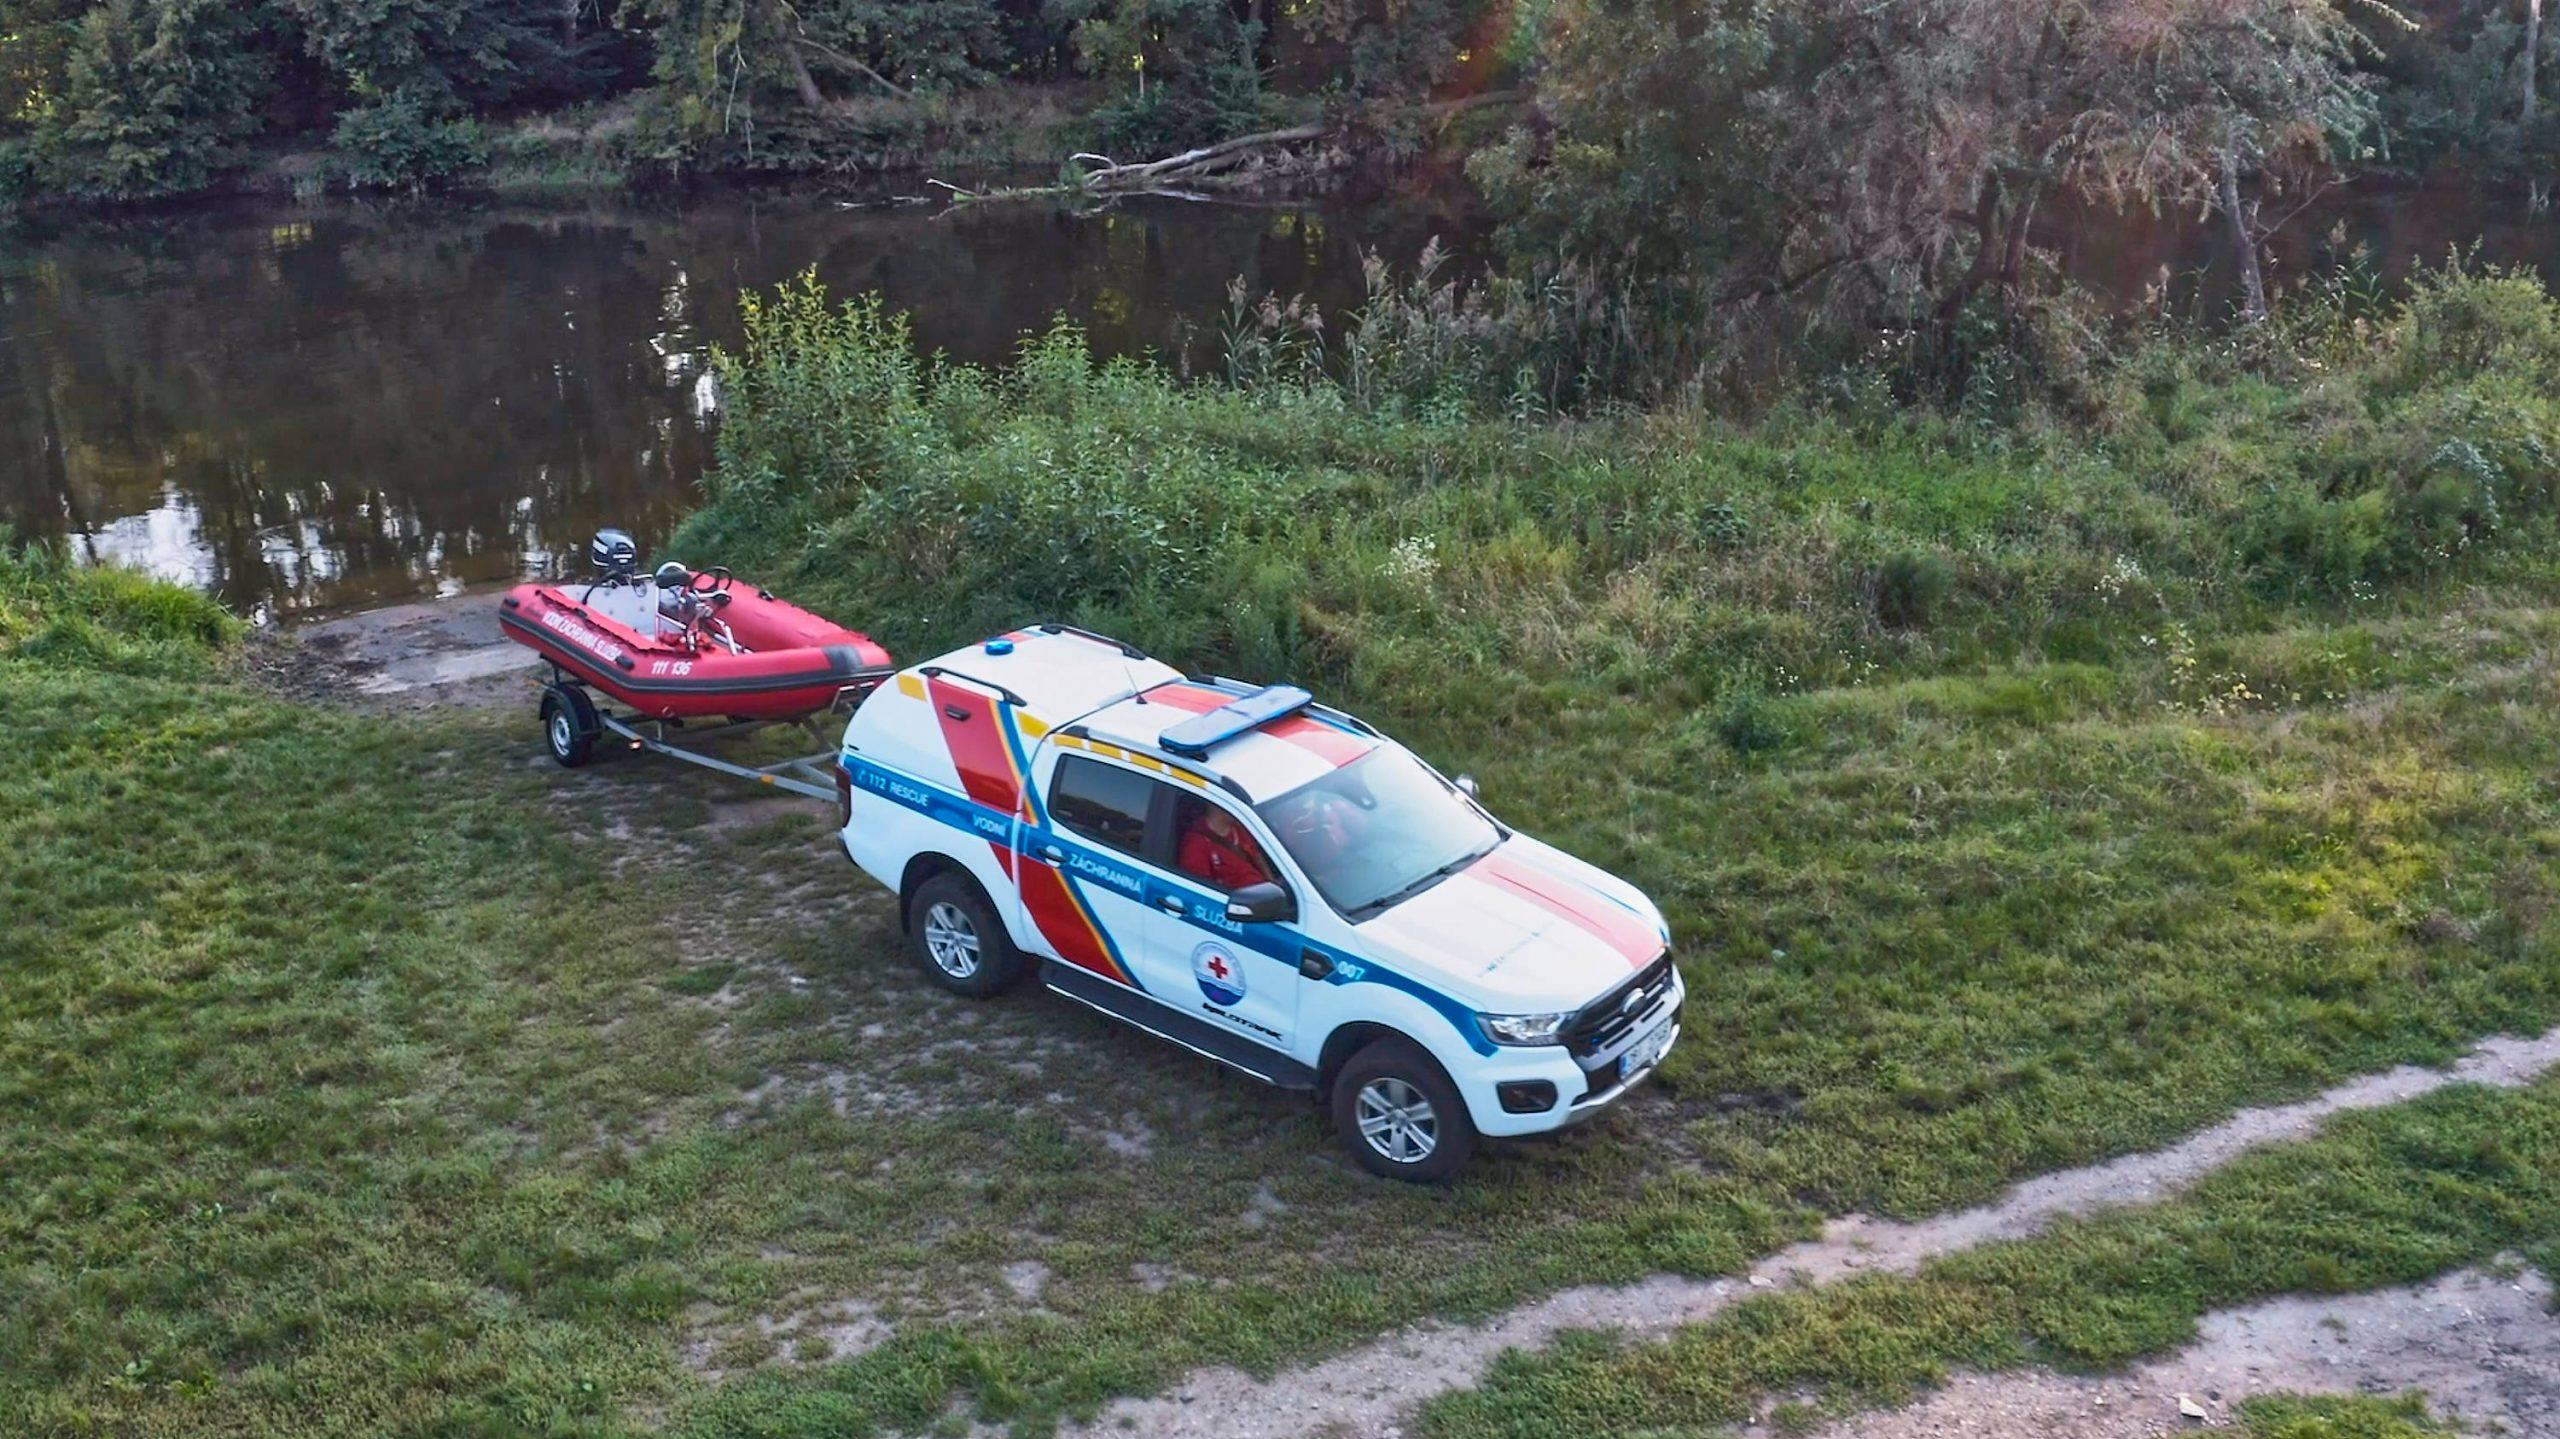 Ford LifeSavers Screengrab SHOT 07 scaled Ford : Το δεύτερο επεισόδιο των 'Lifesavers', παρουσιάζει τους εθελοντές από την Τσεχία Ford, Ford Lifesavers, Ford Ranger, Lifesavers, ειδήσεις, Επαγγελματικά, Νέα